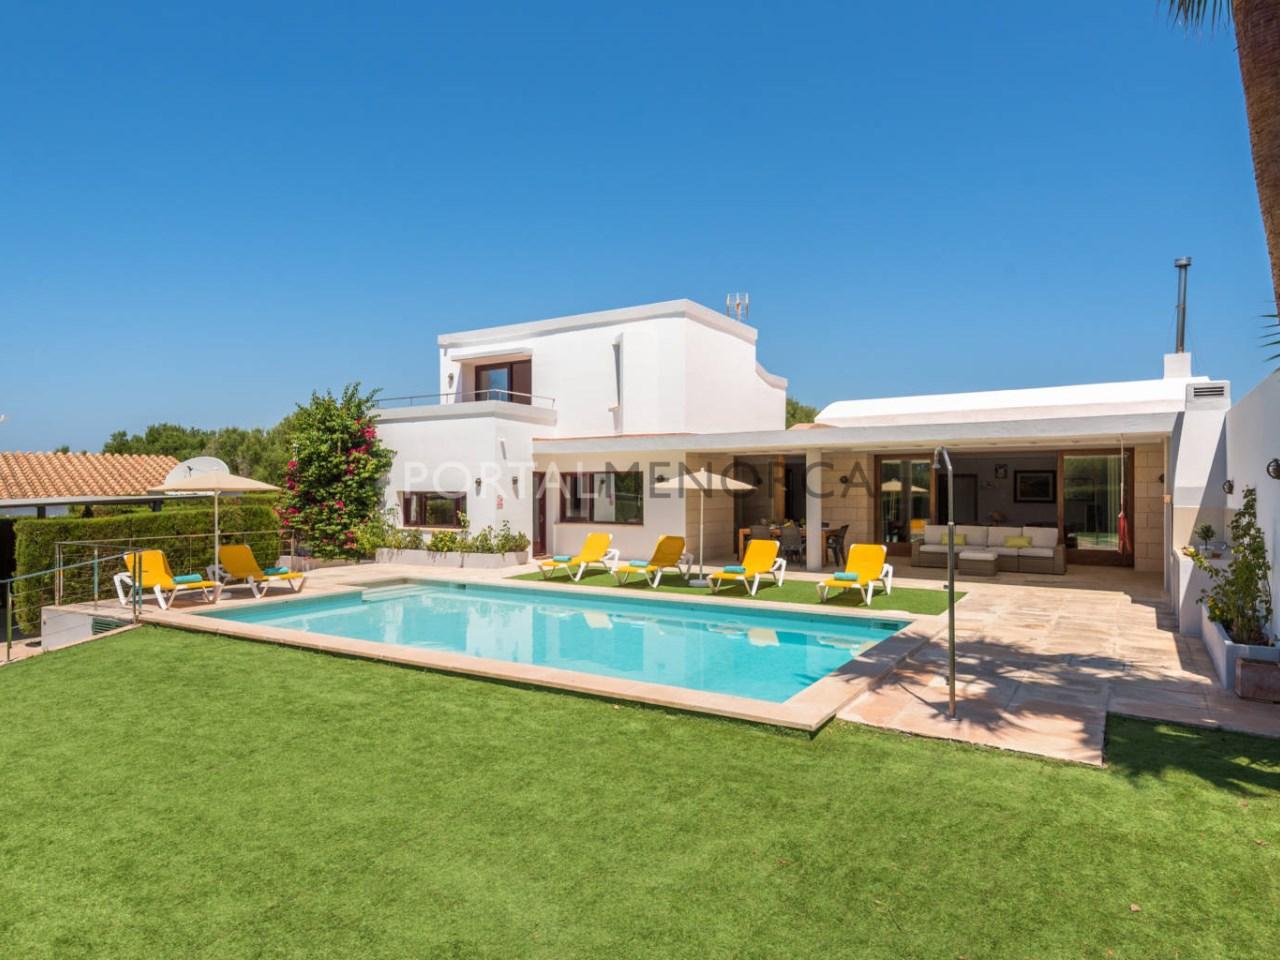 Casa cerca del mar con piscina en venta en Menorca